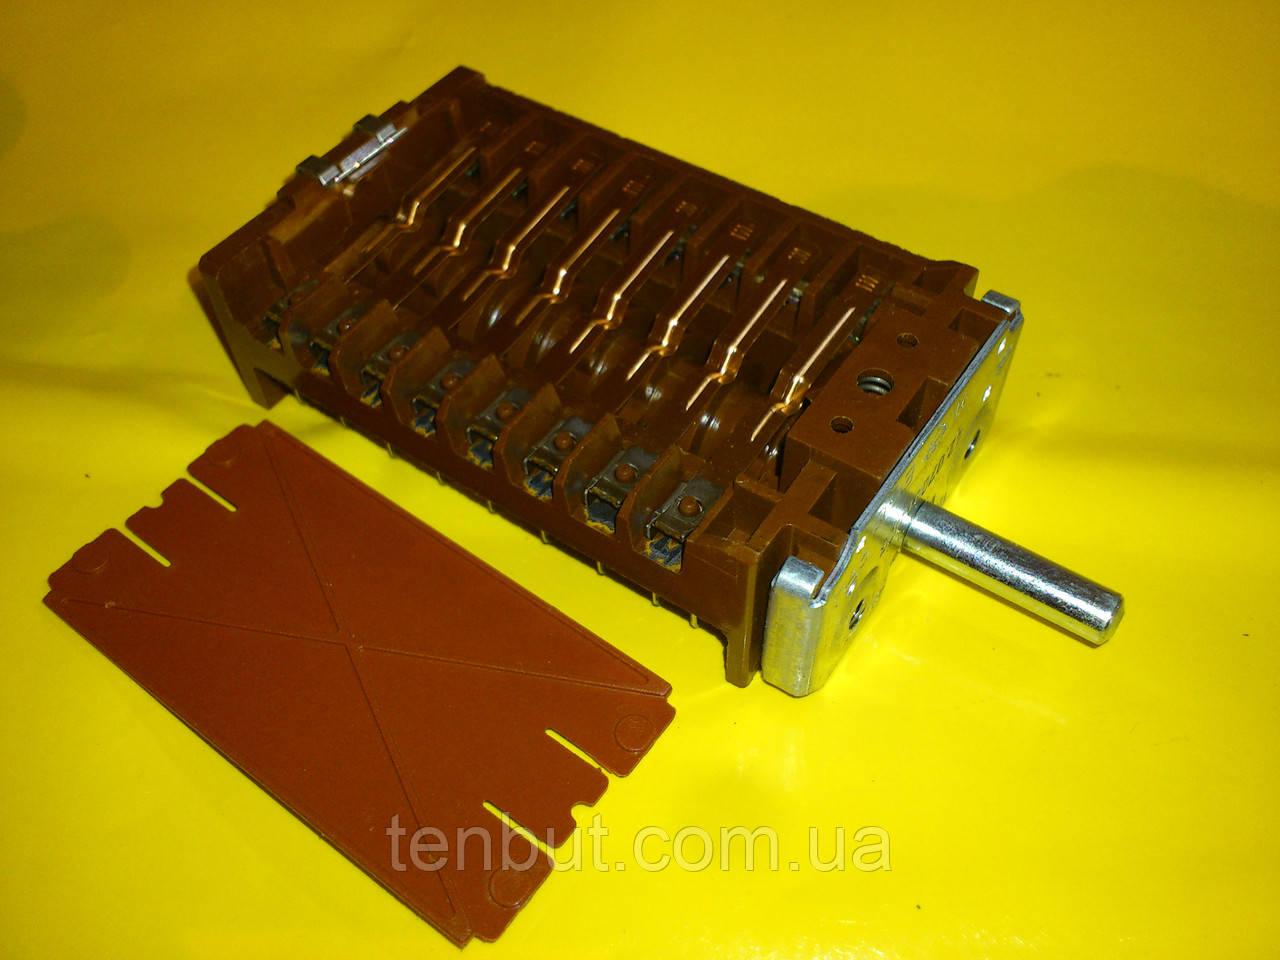 Переключатель ПМ-42.07001.005 EGO / 7-ми позиционный на электроплиты производство Германия